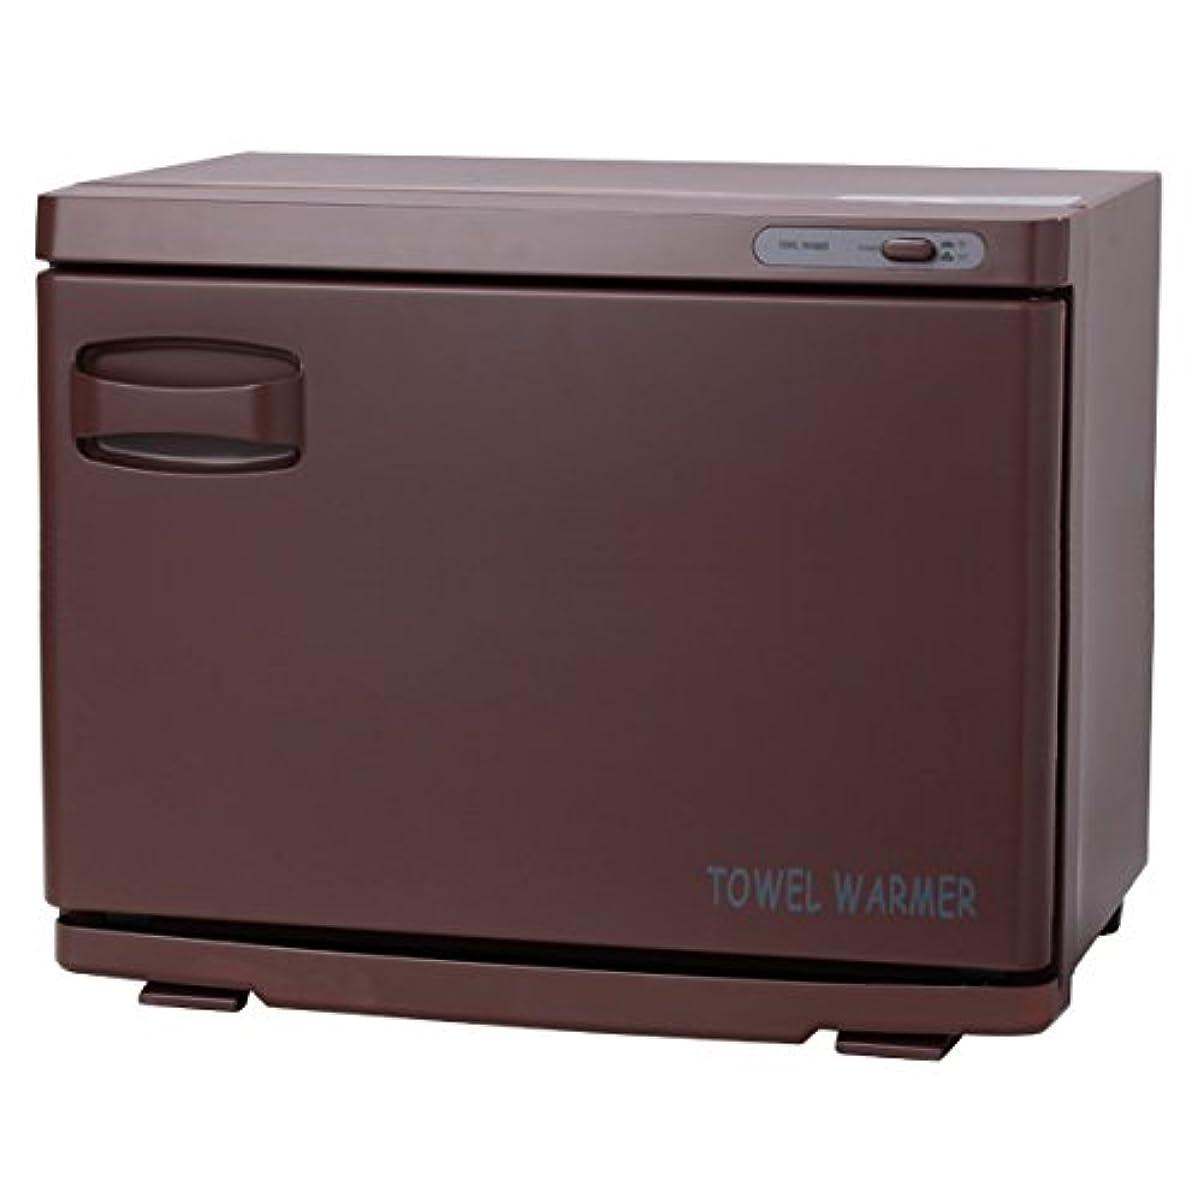 タオルウォーマー ブラウン ( 前開き ) 18L 業務用 タオル蒸し器 おしぼり蒸し器 保温器